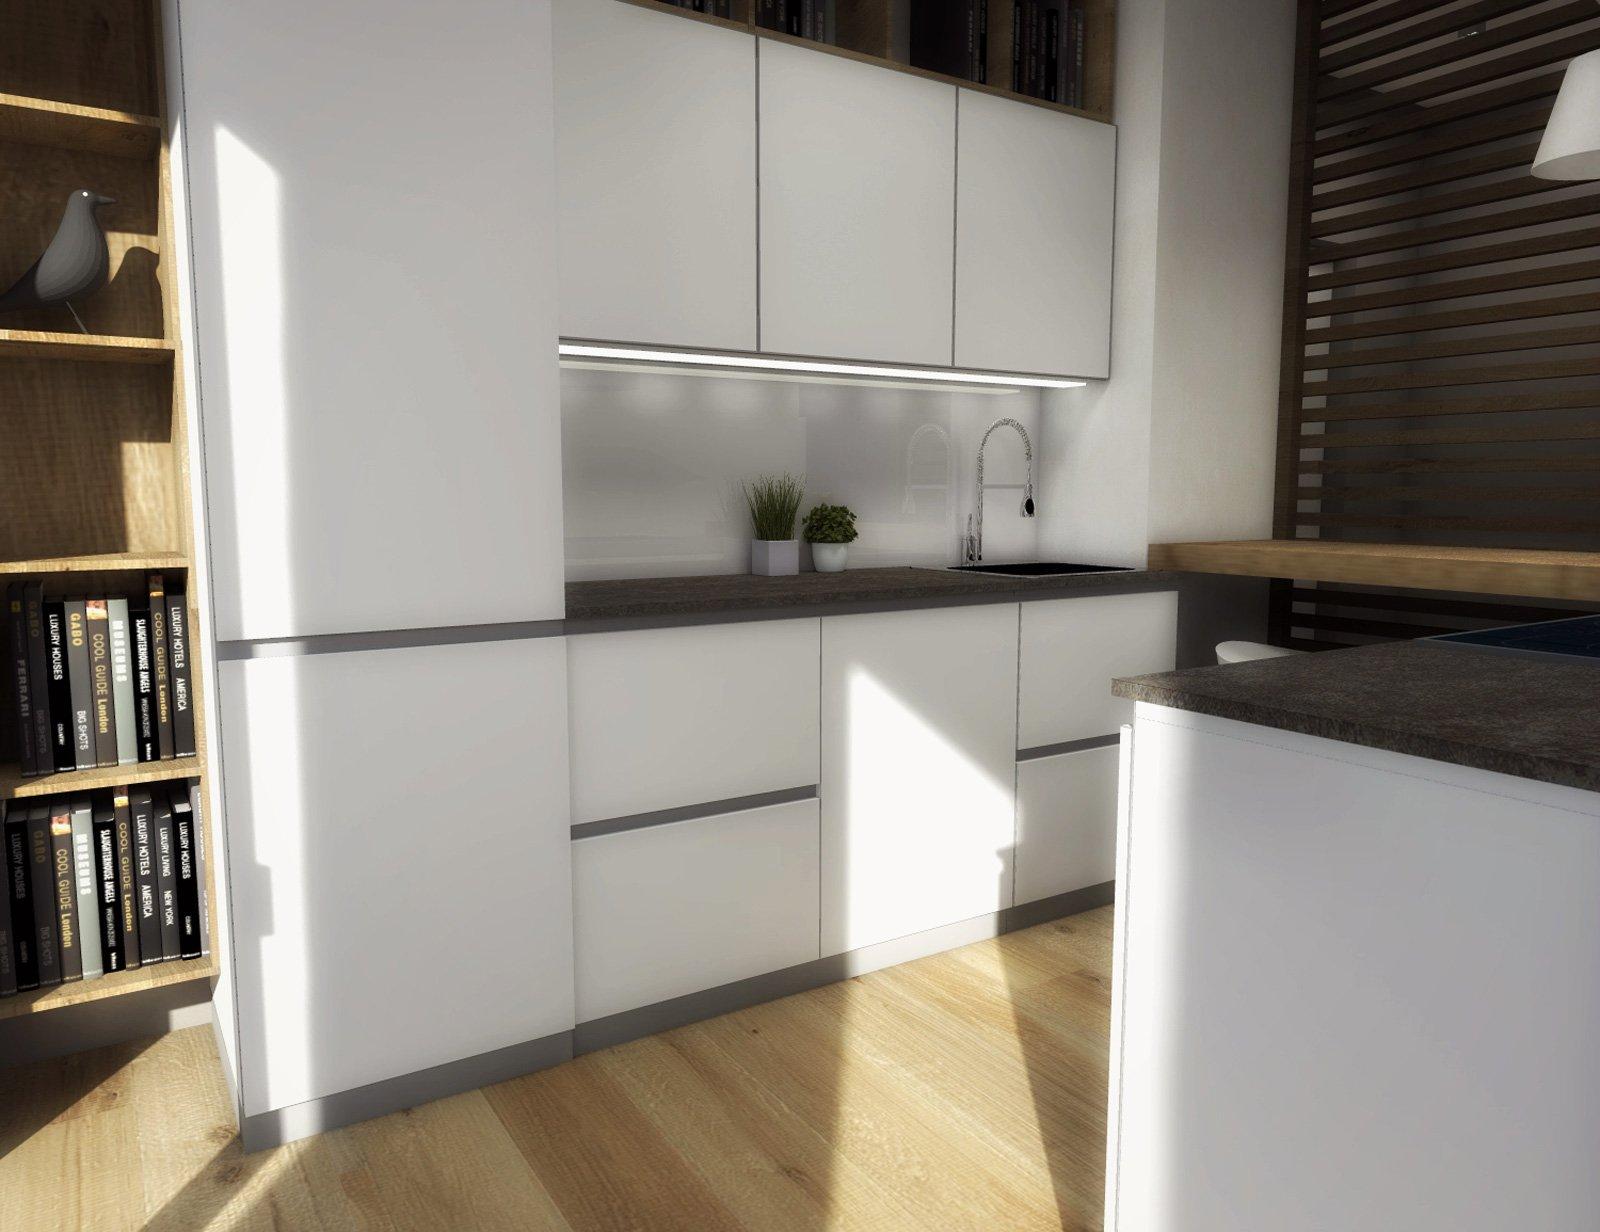 Online Come Arredare Una Cucina Piccola With Regard To Arredo Cucina  #7C6647 1600 1232 Arredare Una Cucina Piccola Quadrata